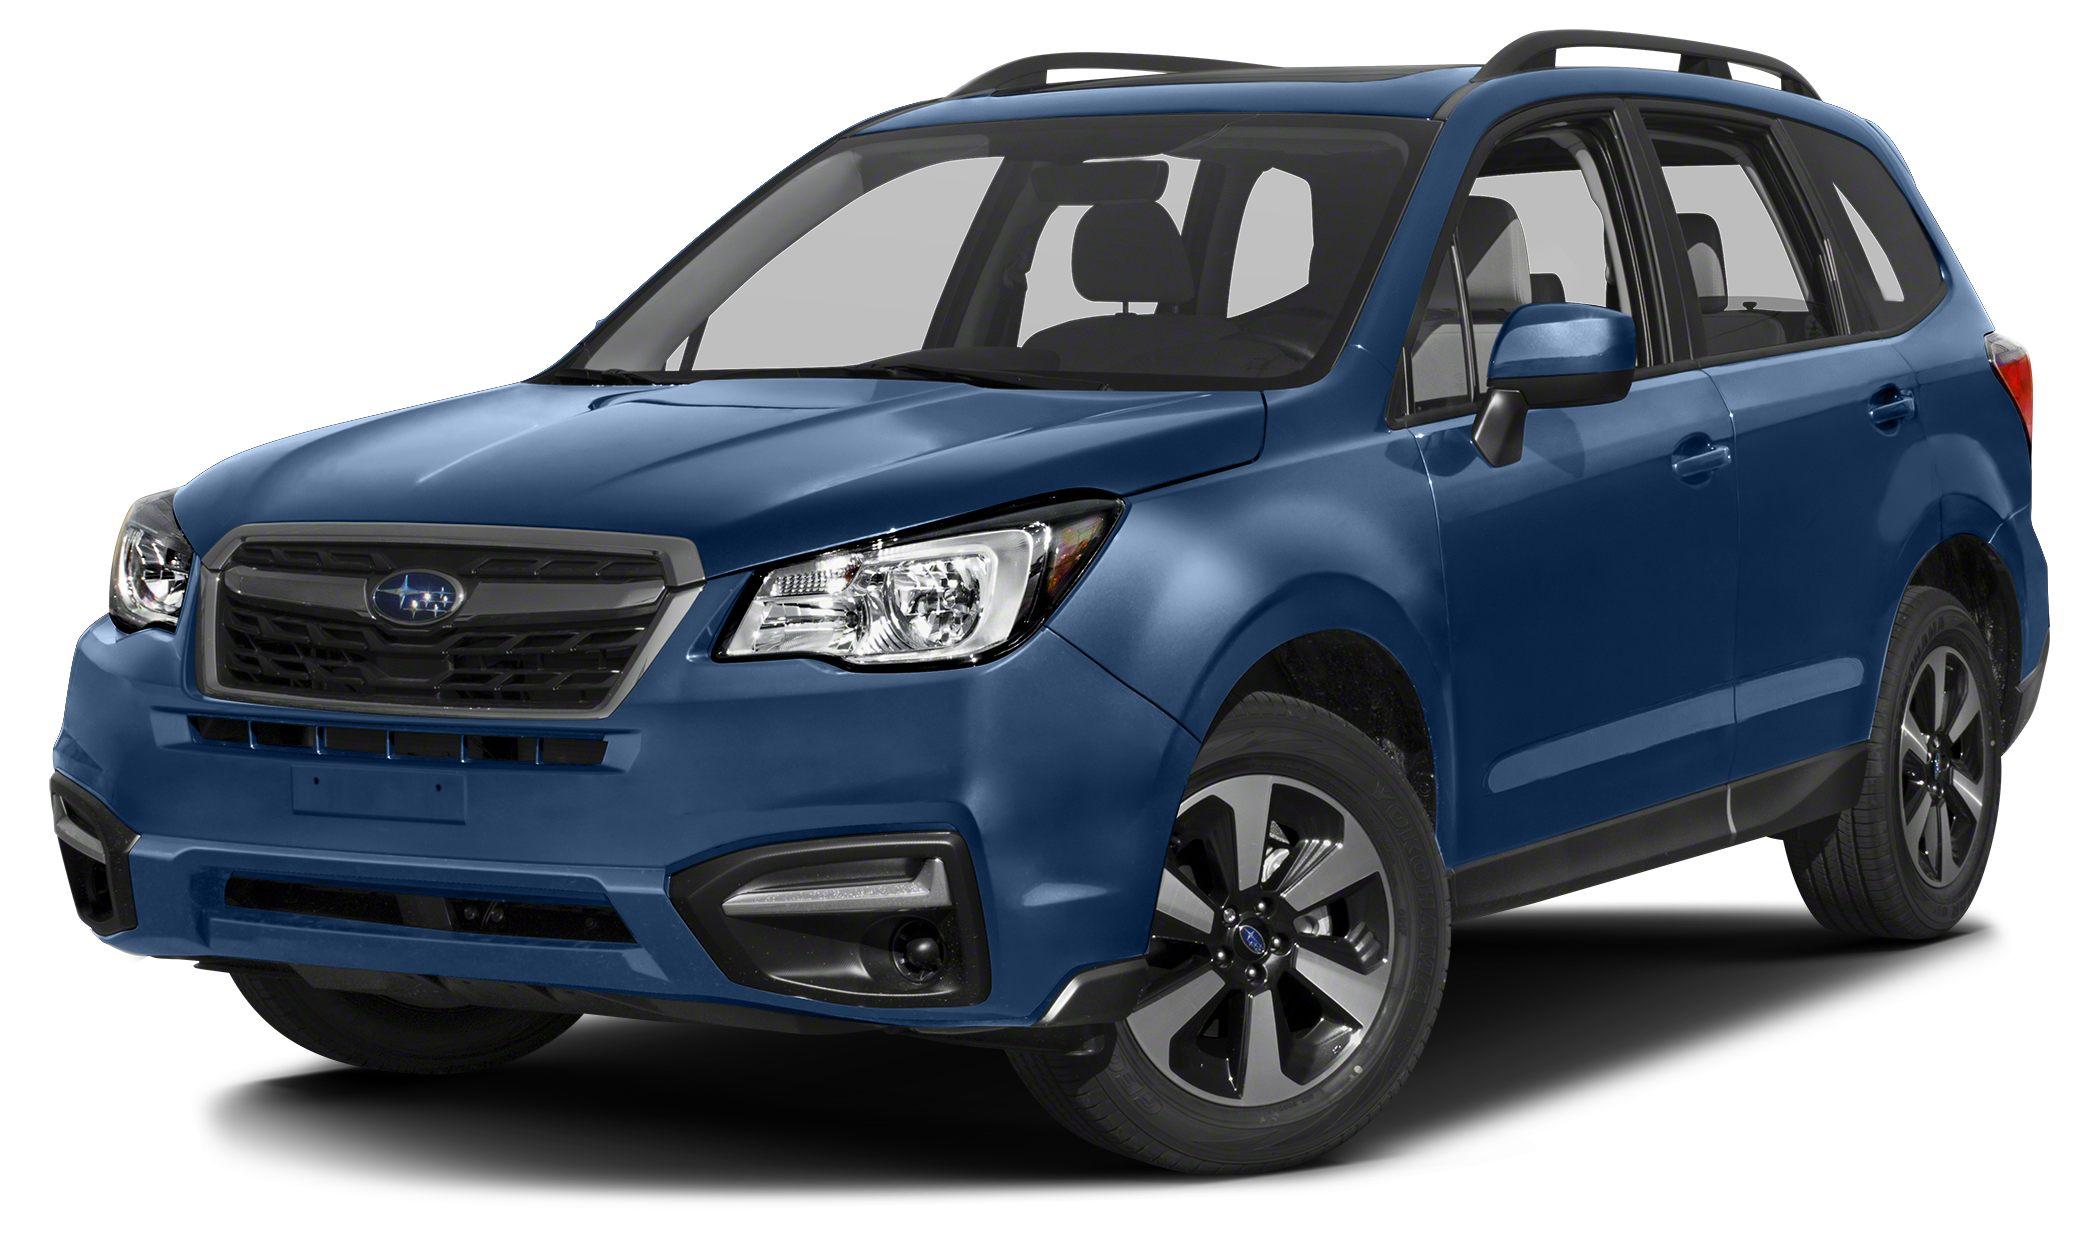 2017 Subaru Forester 25i Premium Miles 5Color Quartz Blue Pearl Stock 17U280 VIN JF2SJAEC0H